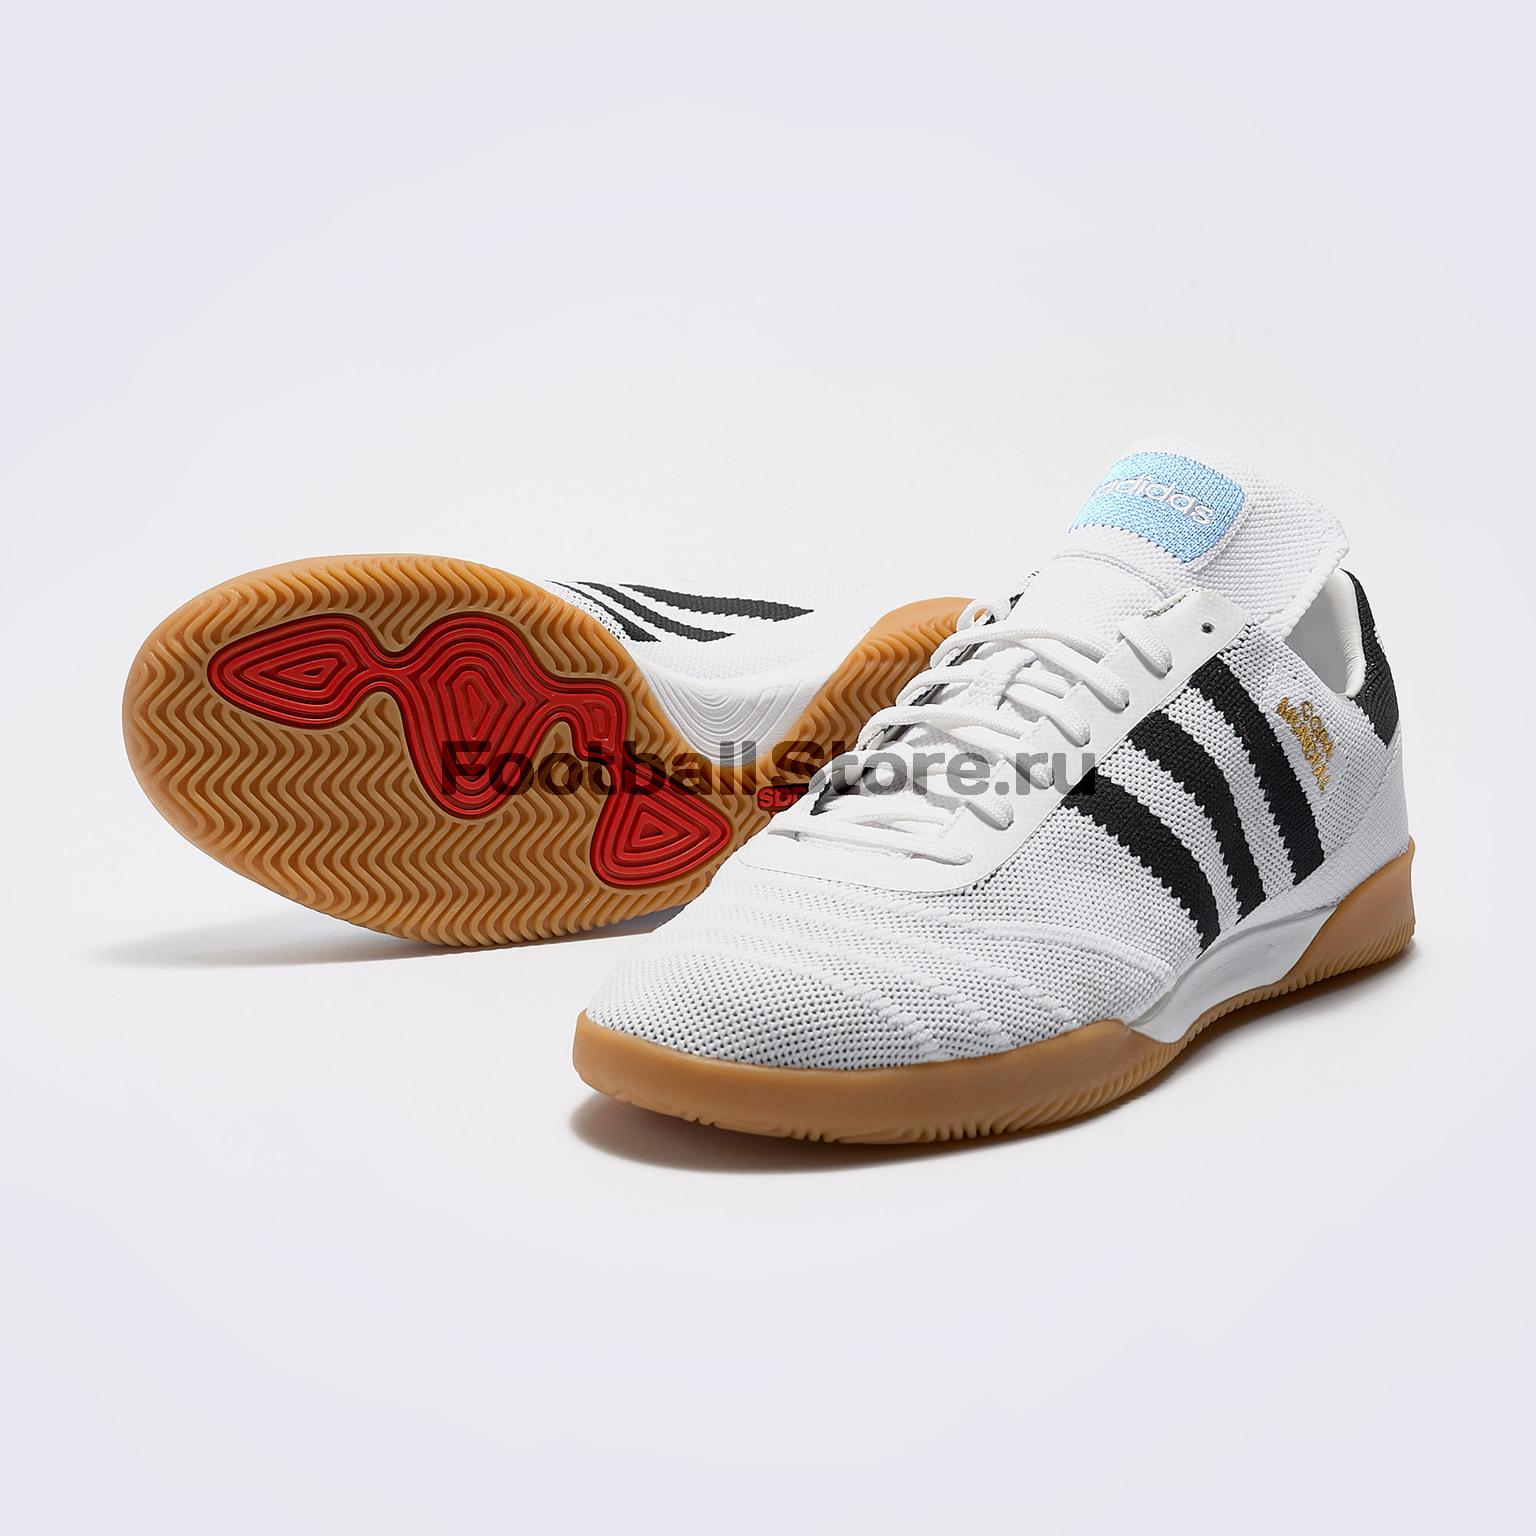 Футбольная обувь Adidas Copa Mundial 70Y TR G26308